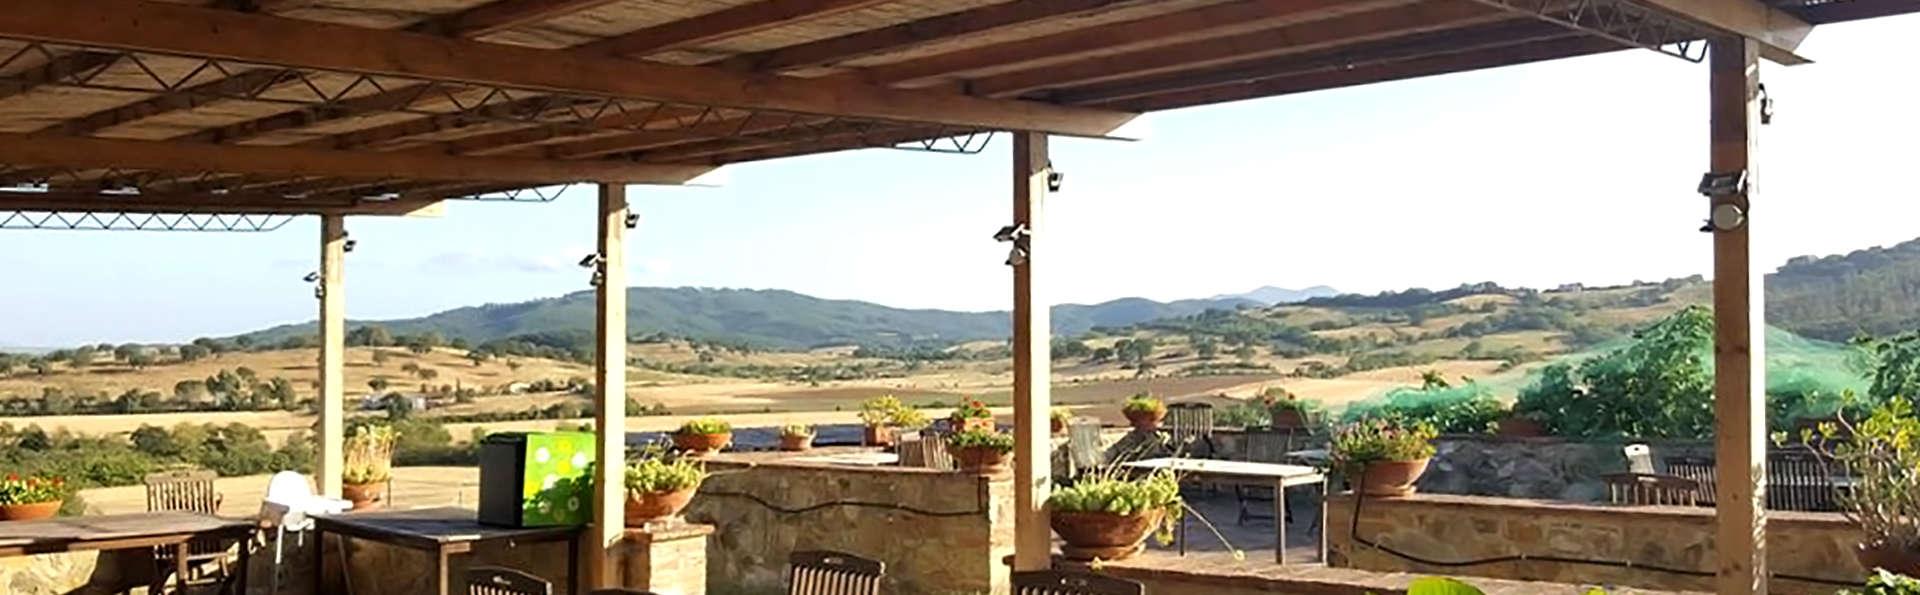 Visite de cave et dégustation au cœur de la Toscane